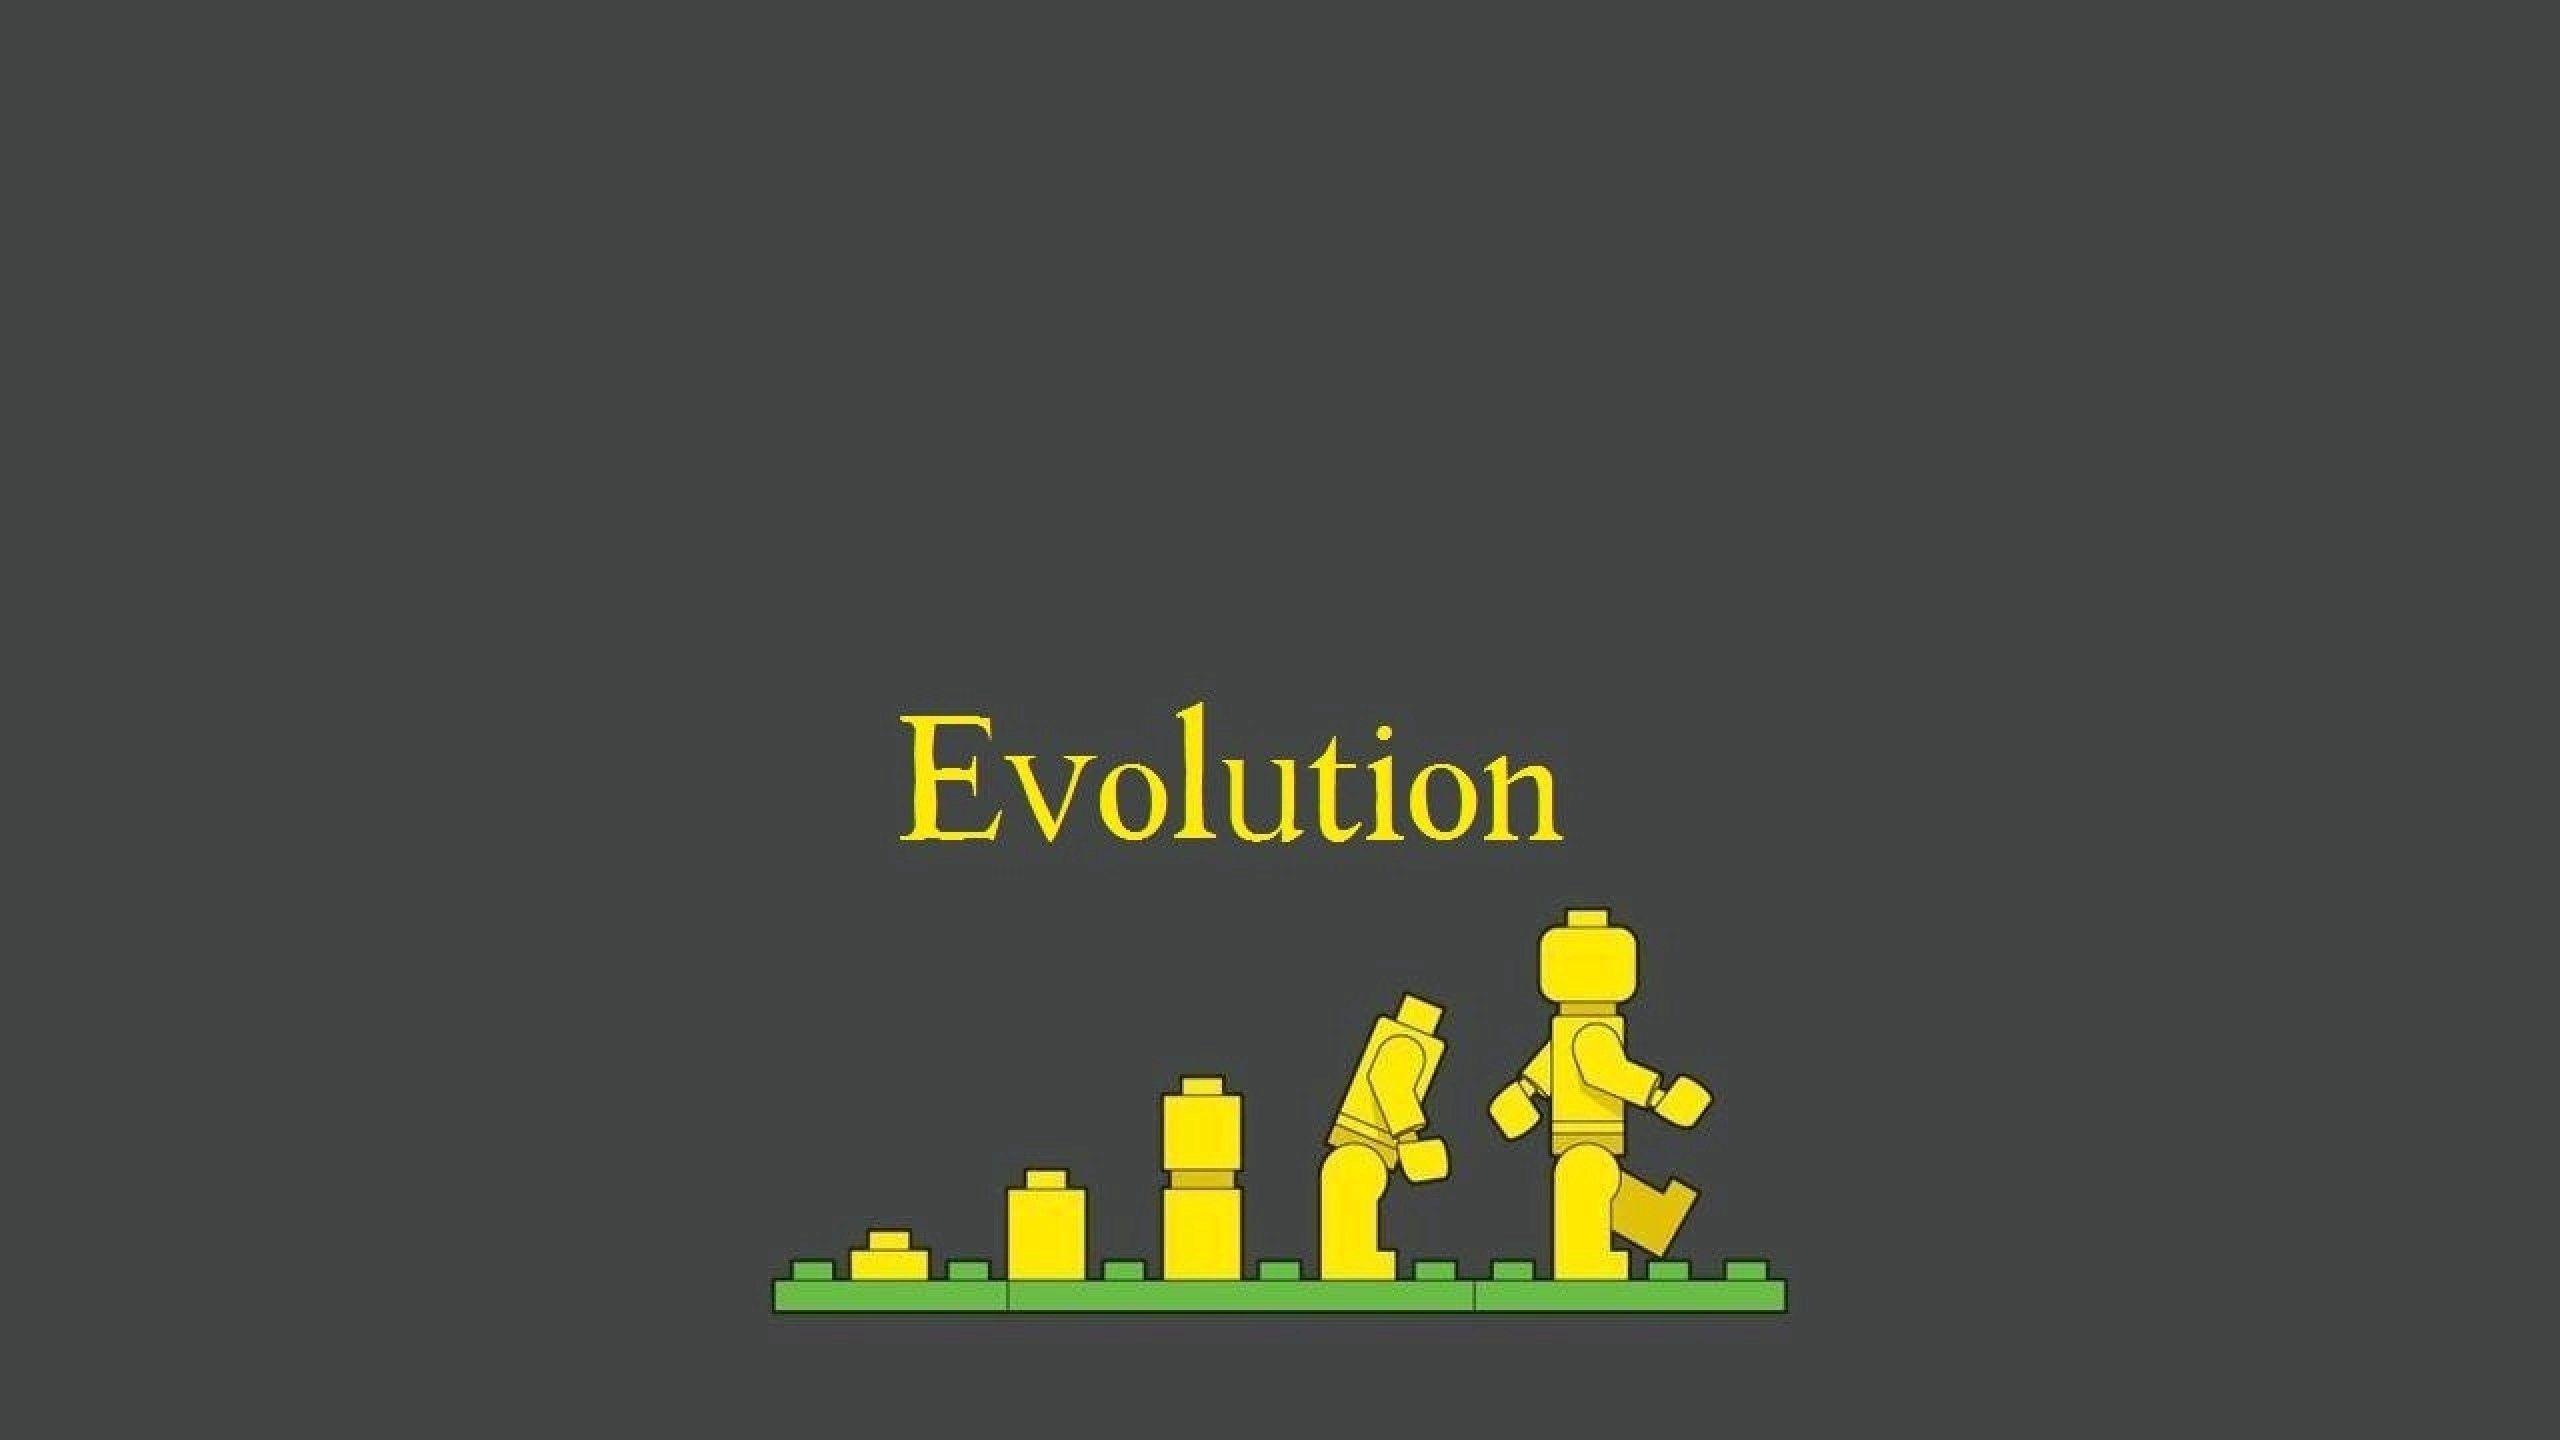 2560x1440 Wallpaper lego, evolution, development